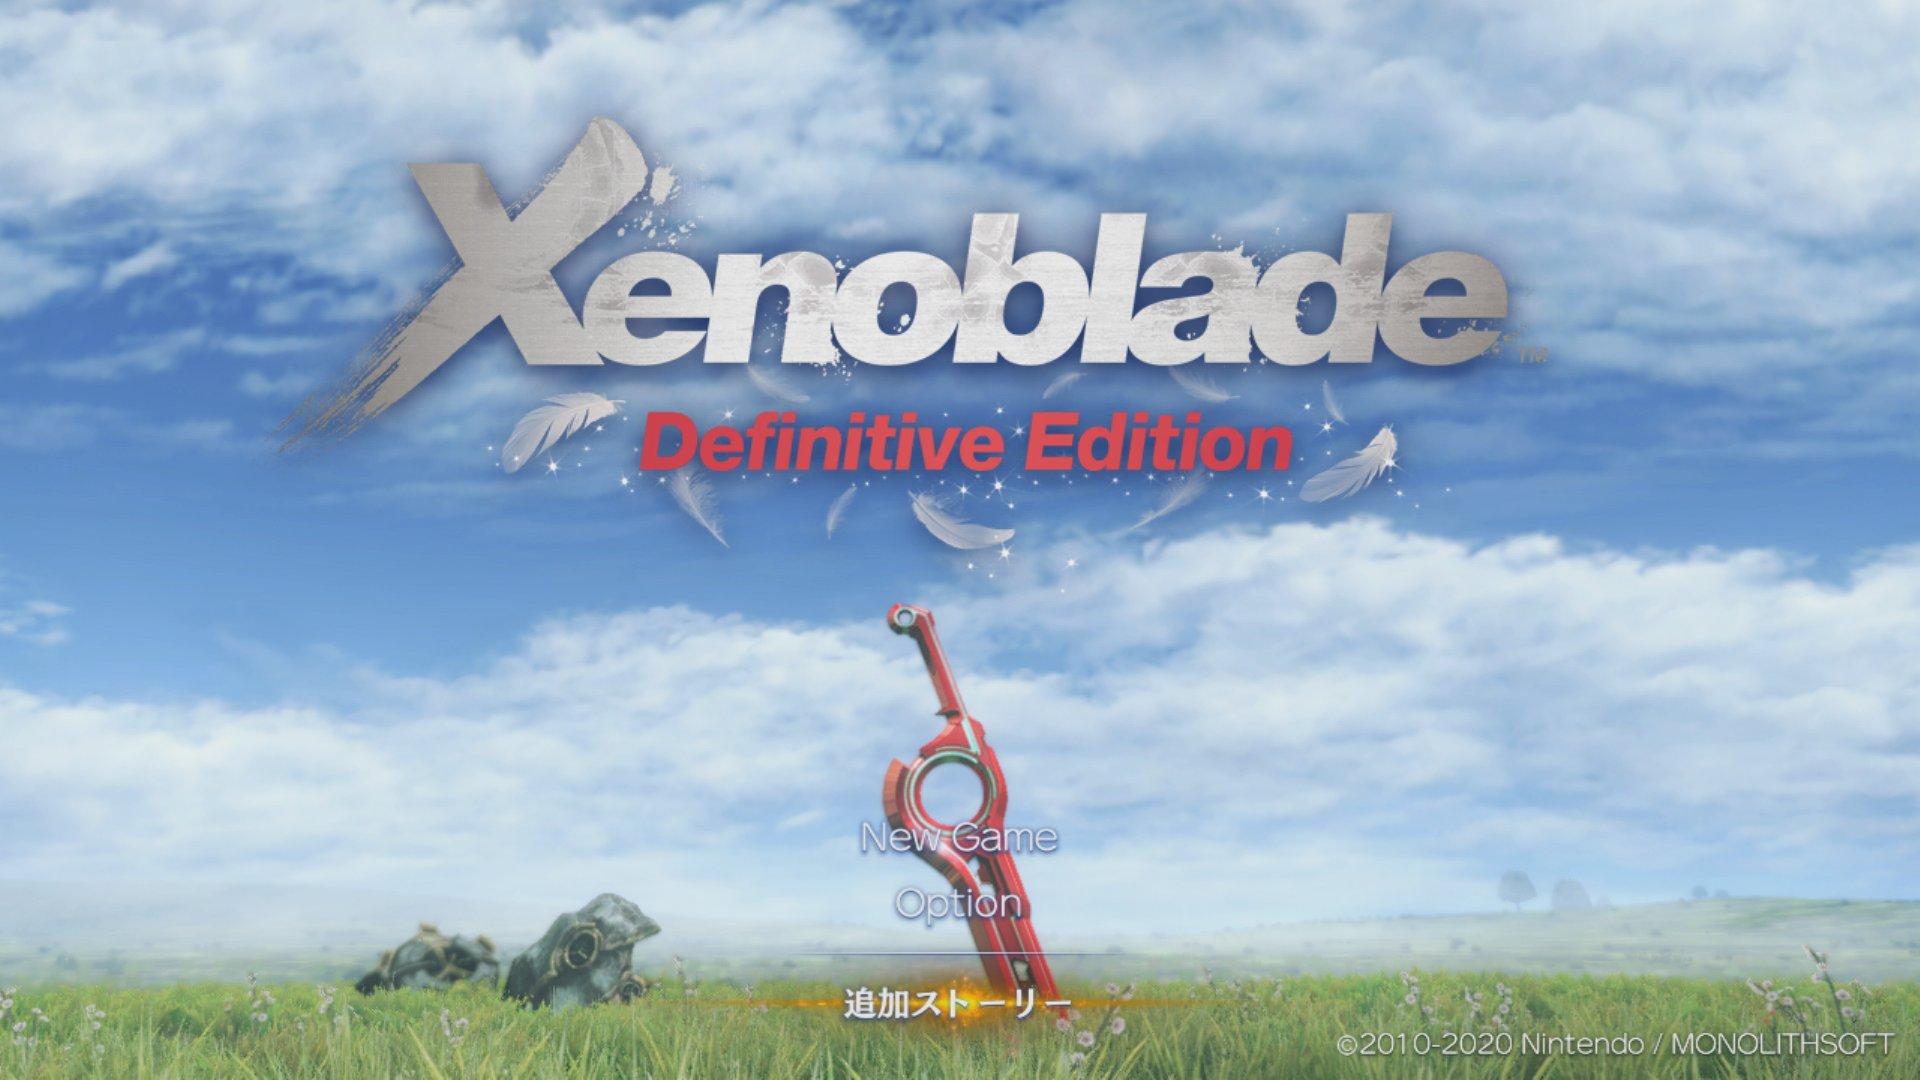 《异度神剑终极版》标题界面公开:本篇、追加章节